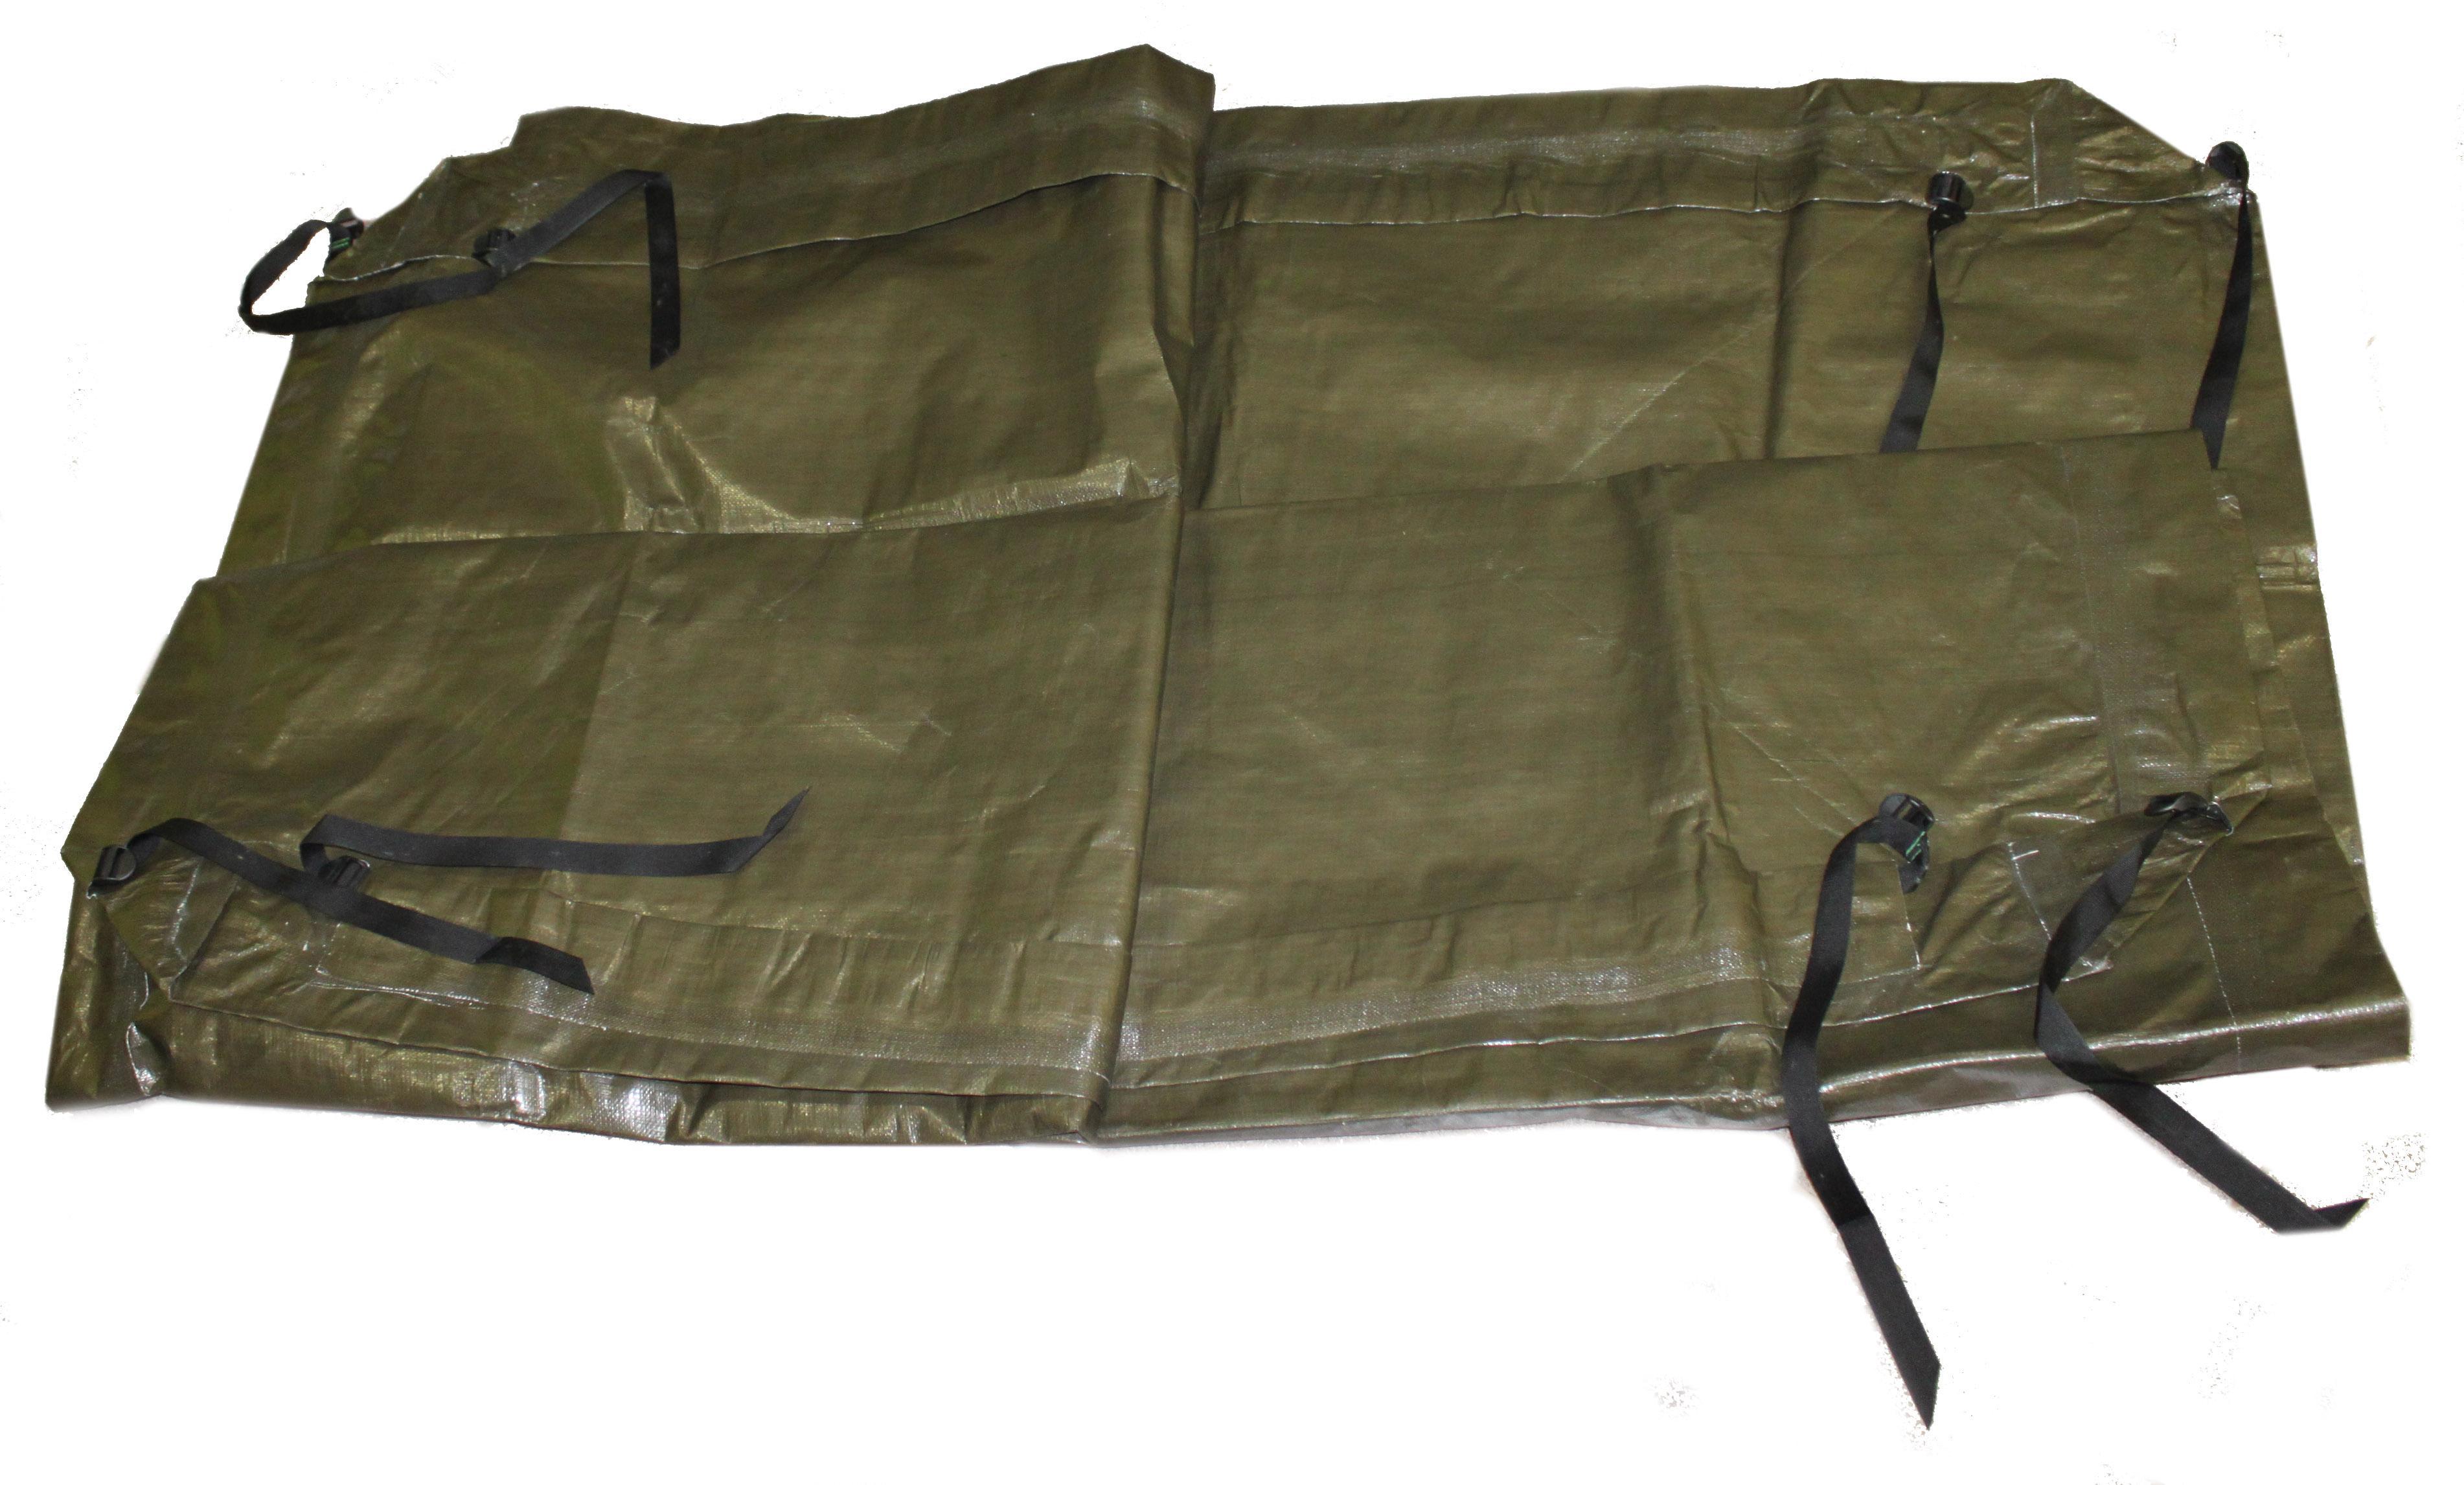 Пол для шатра Пикник 3х3, Тенты - арт. 388970224